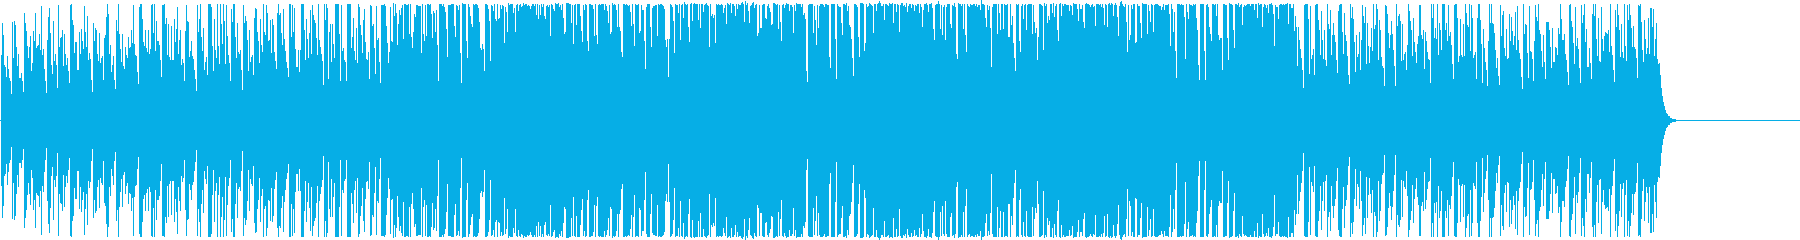 ワクワク感のあるシンセの4つ打ちBGMの再生済みの波形